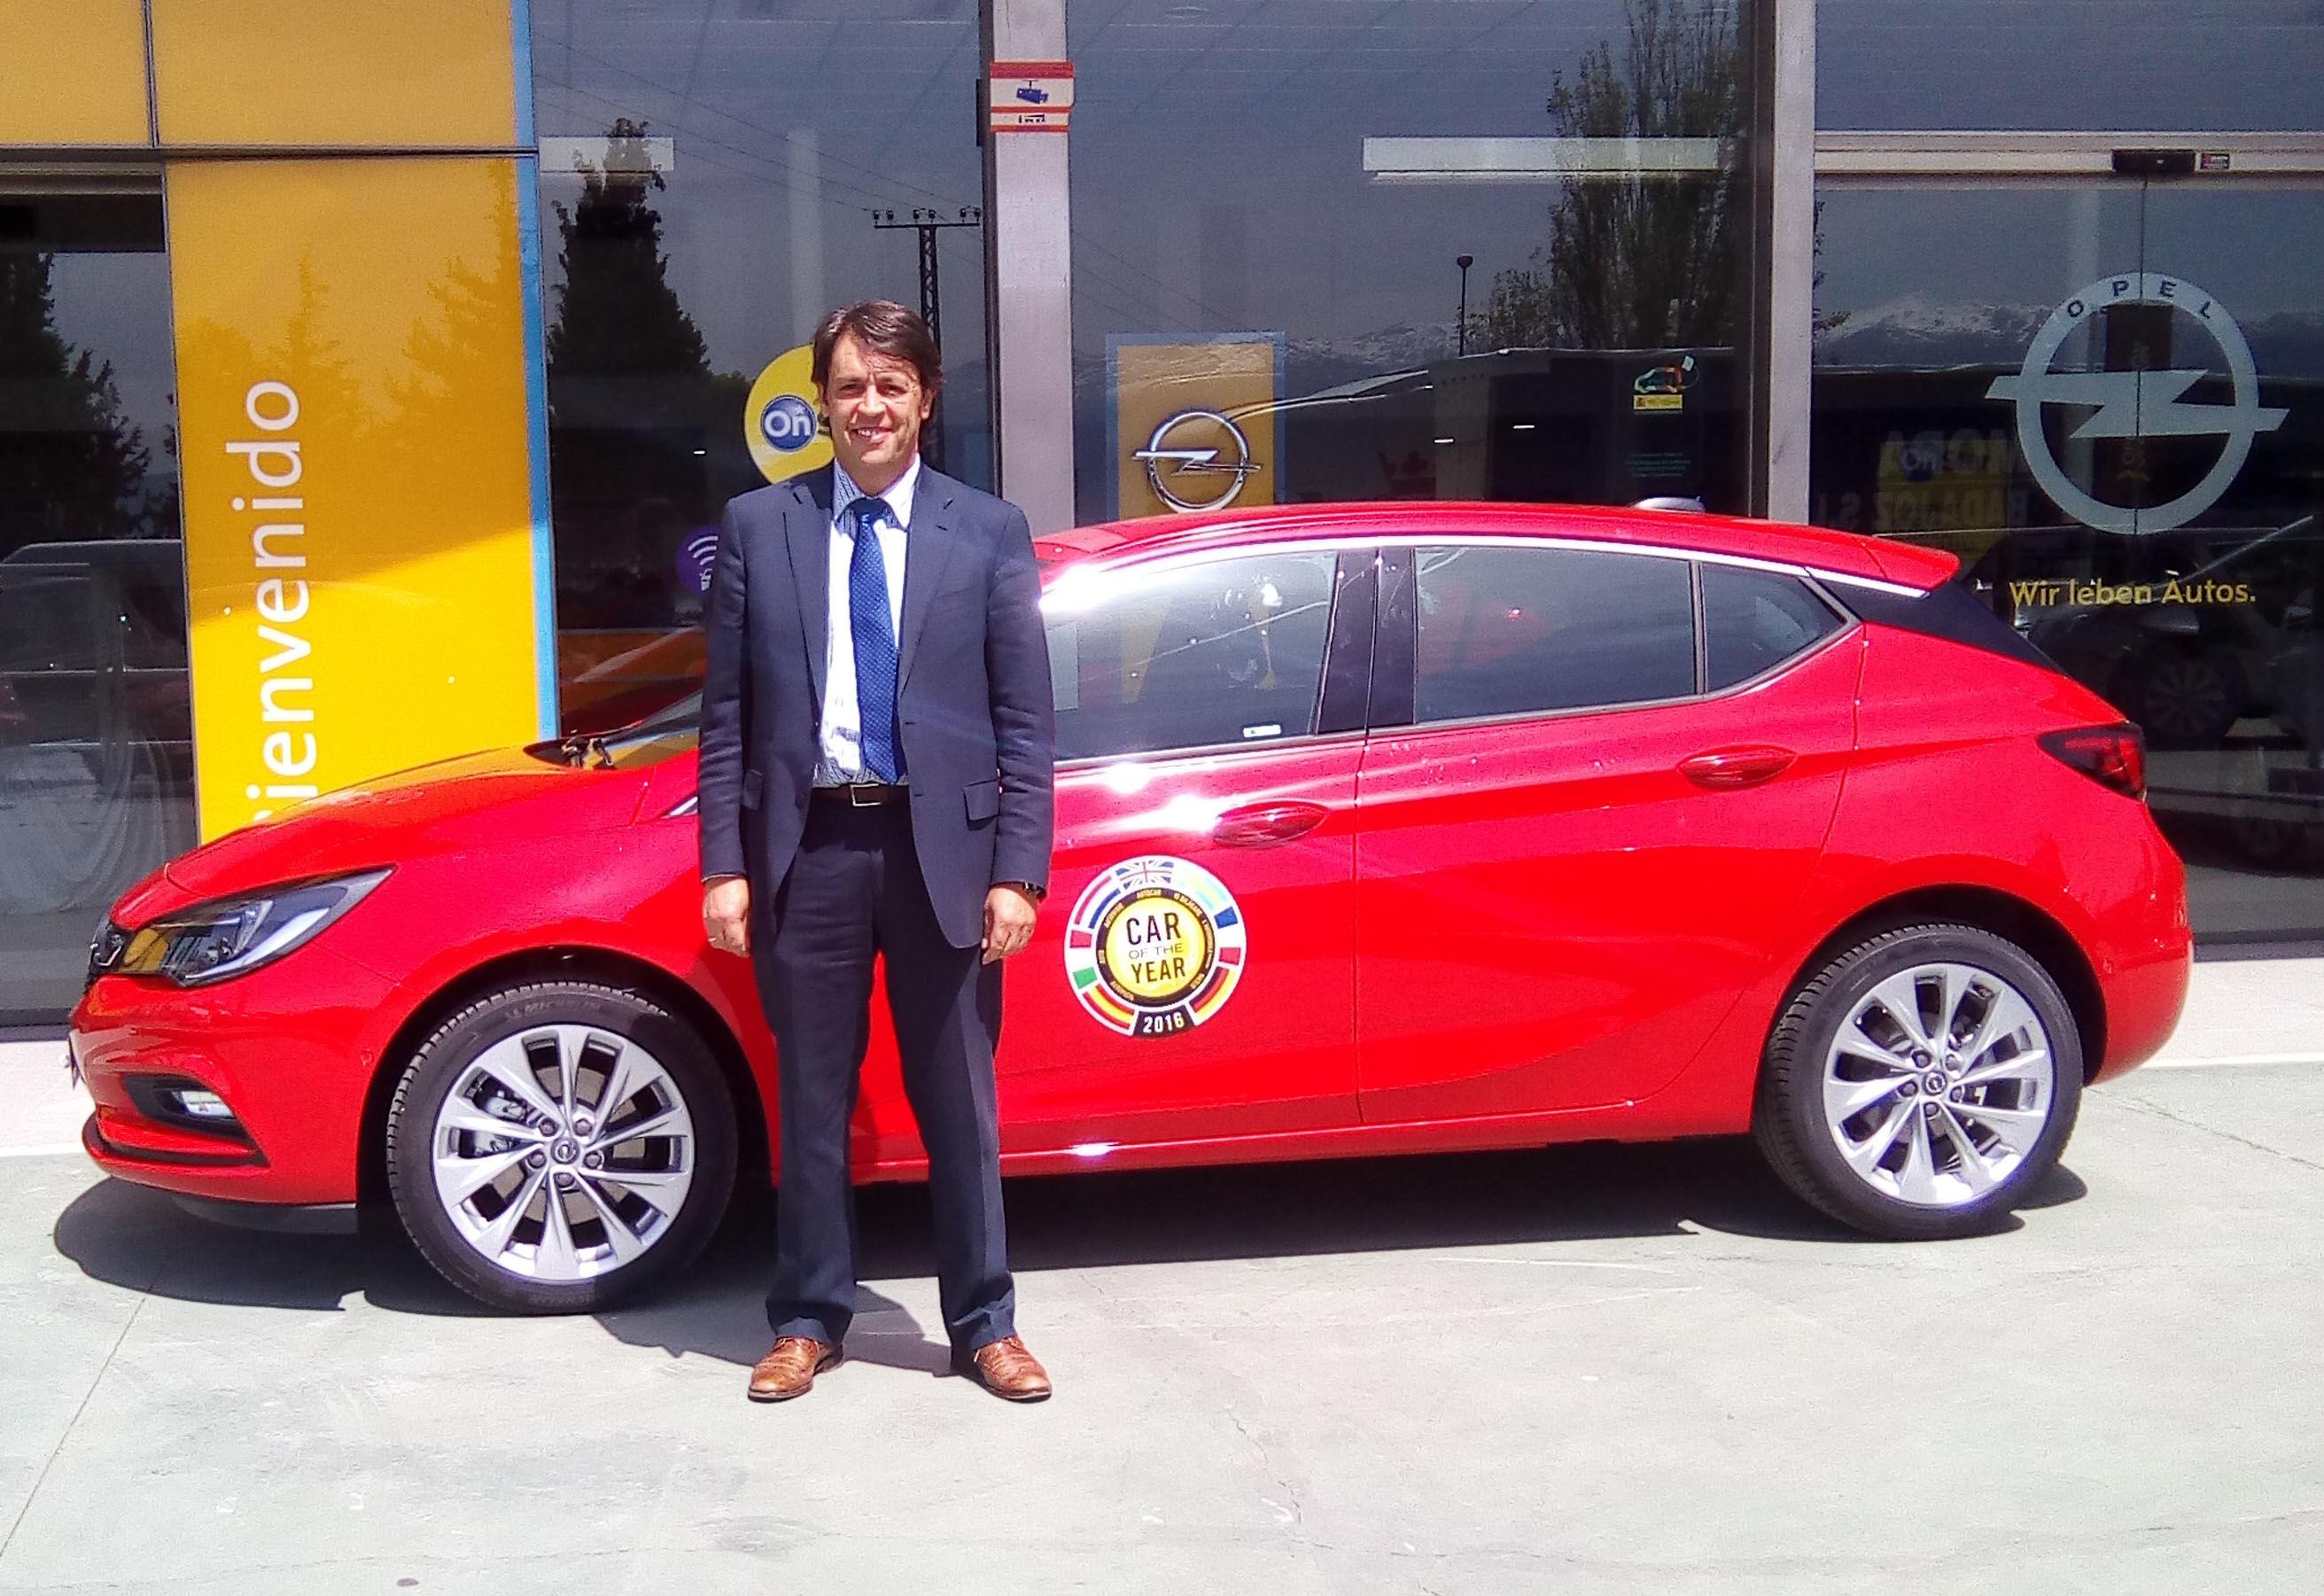 Nuevo Opel Astra. Los ojos de Autiberia y de Paolo, Jefe de Ventas.